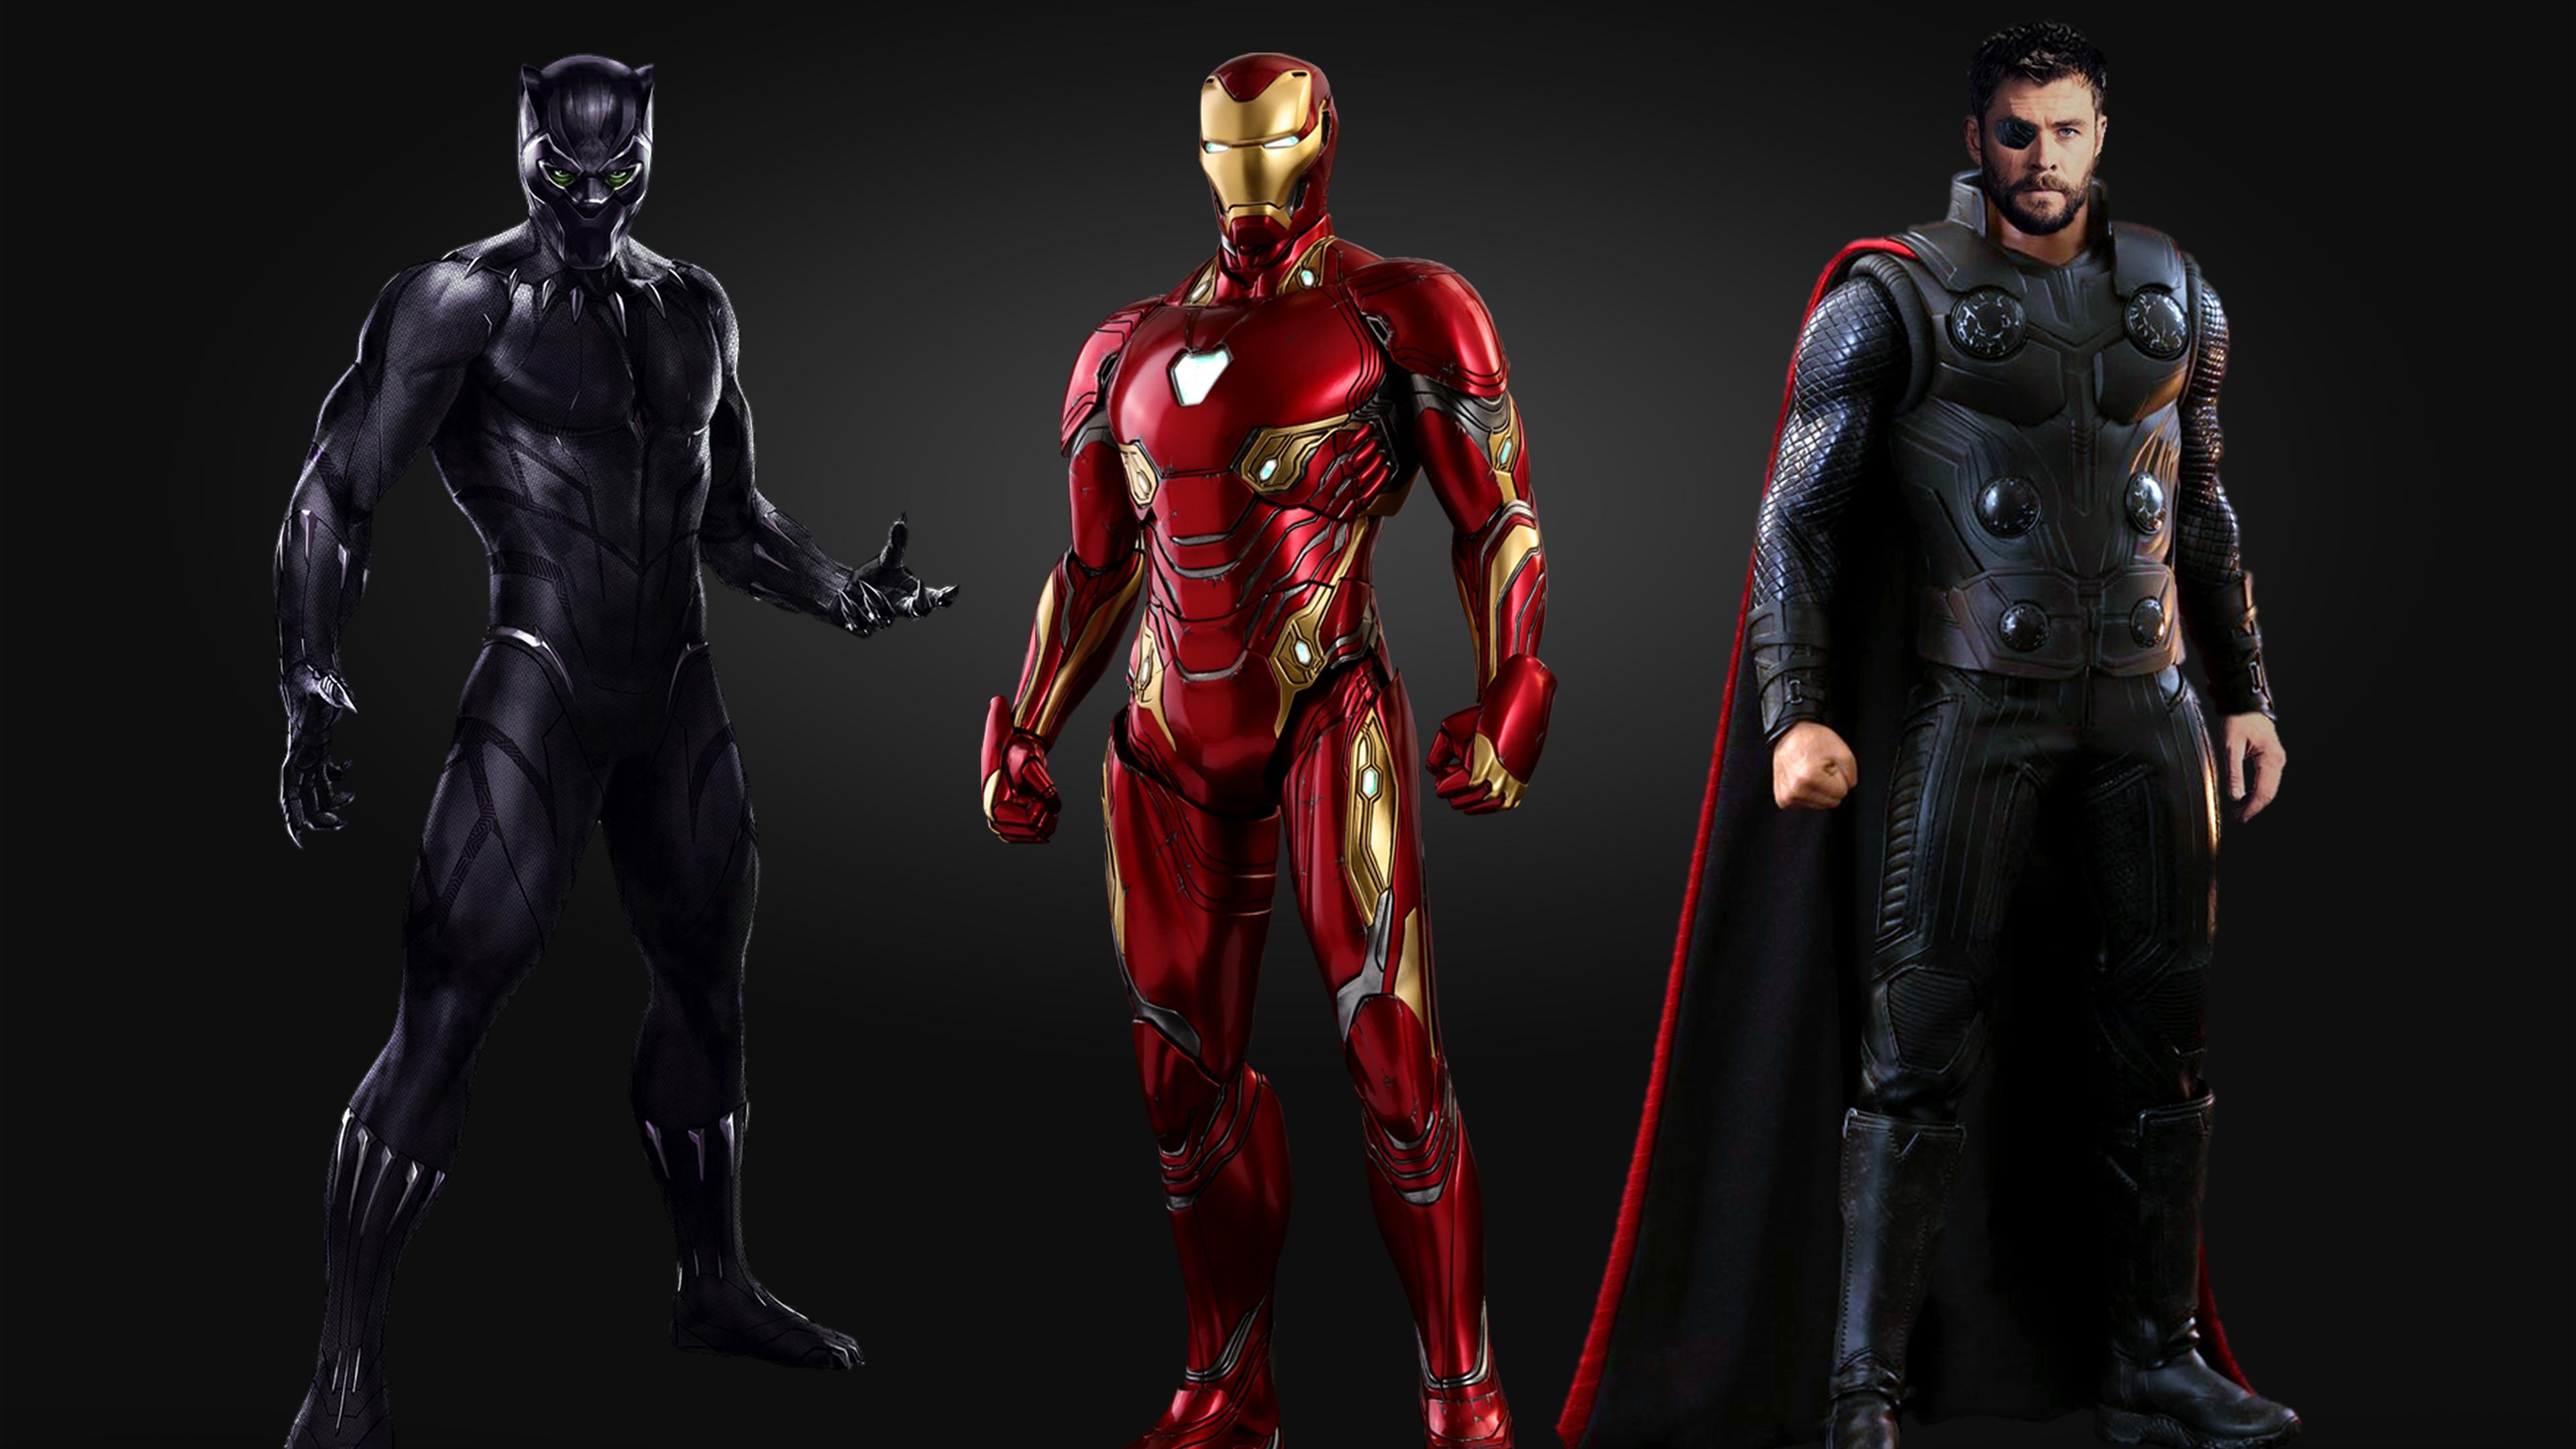 Wallpaper 4k Black Panther Iron Man Thor 4k 4k Wallpapers Art